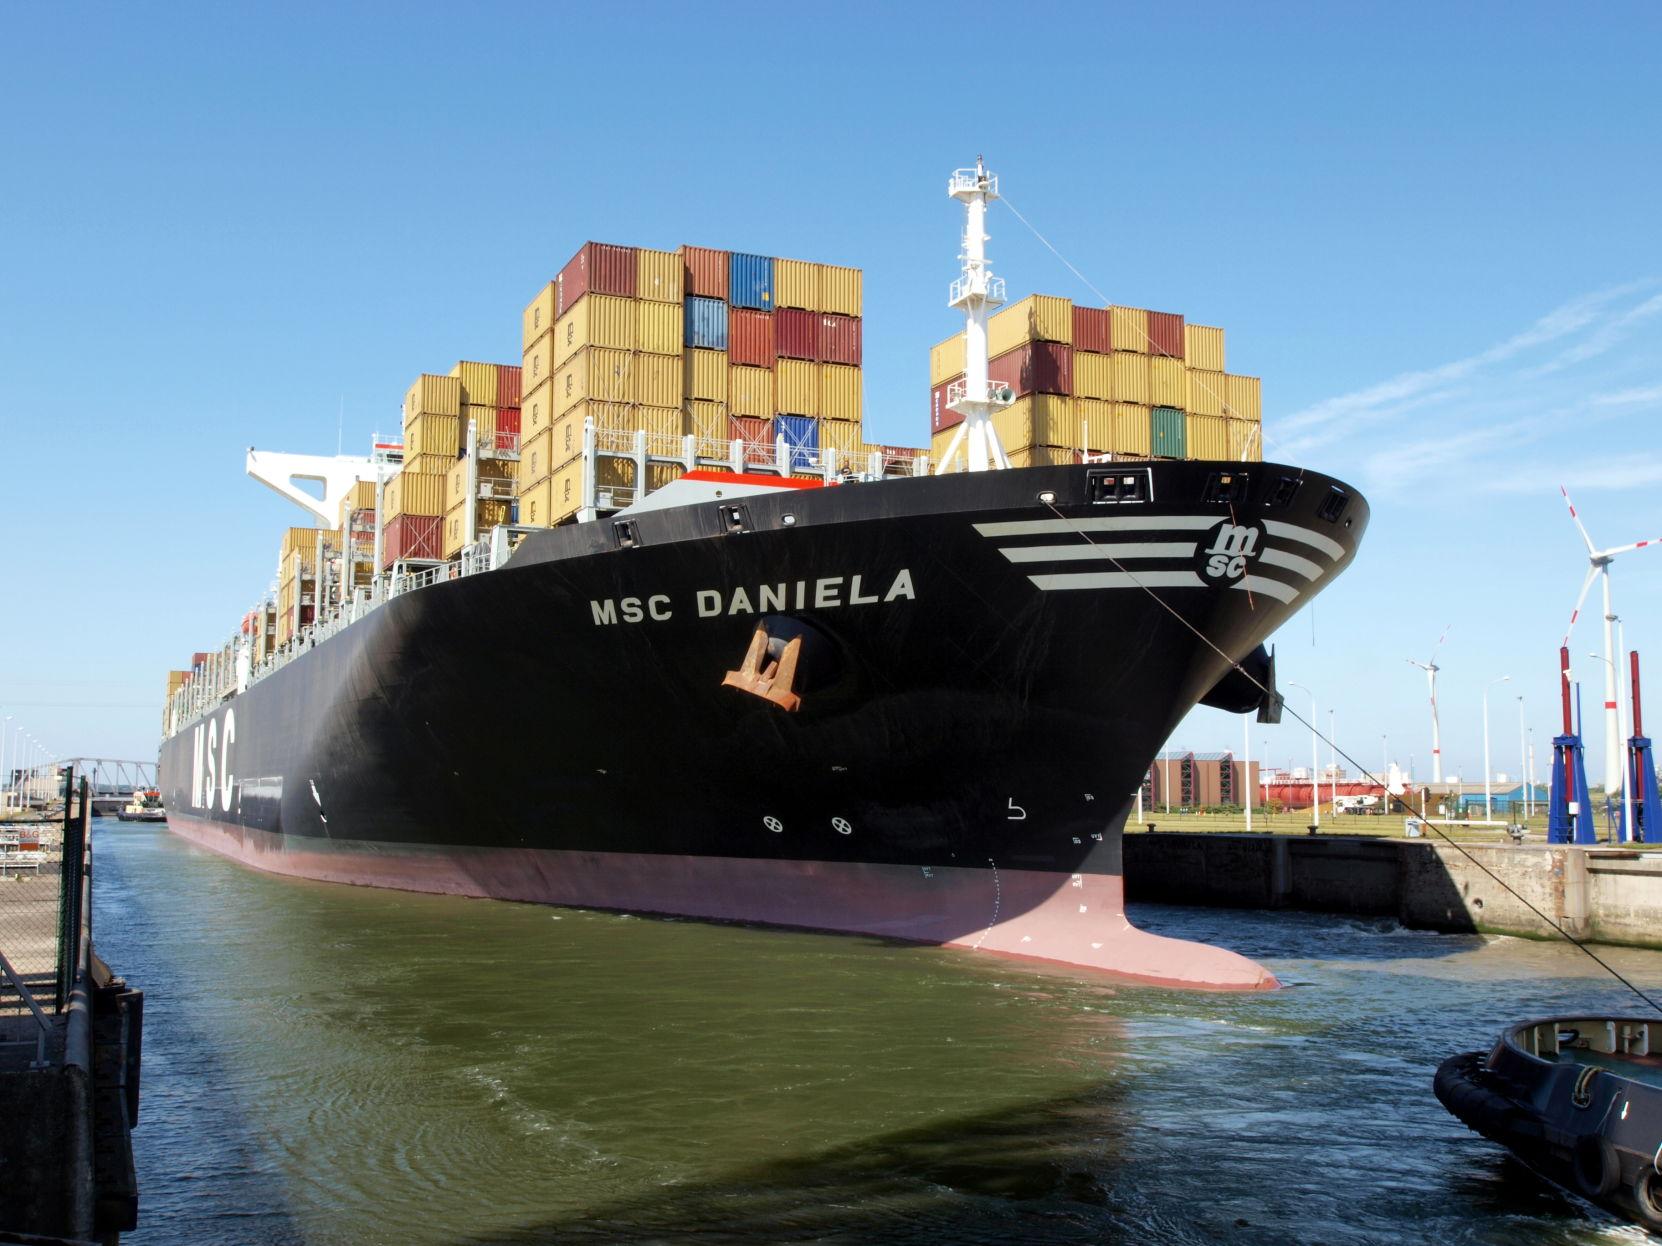 亚博_超年夜型集装箱船可能对扩建后的巴拿马运河组成要挟